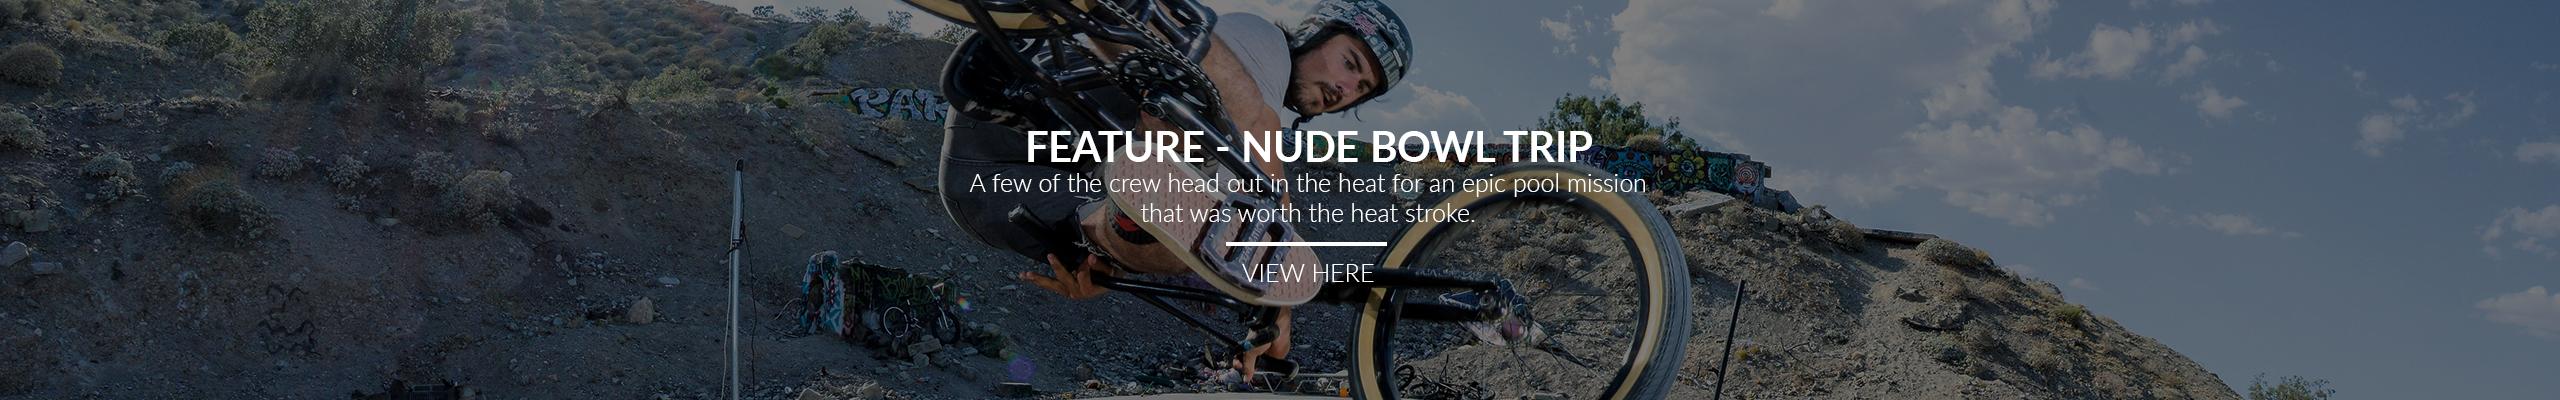 nude bowl trip